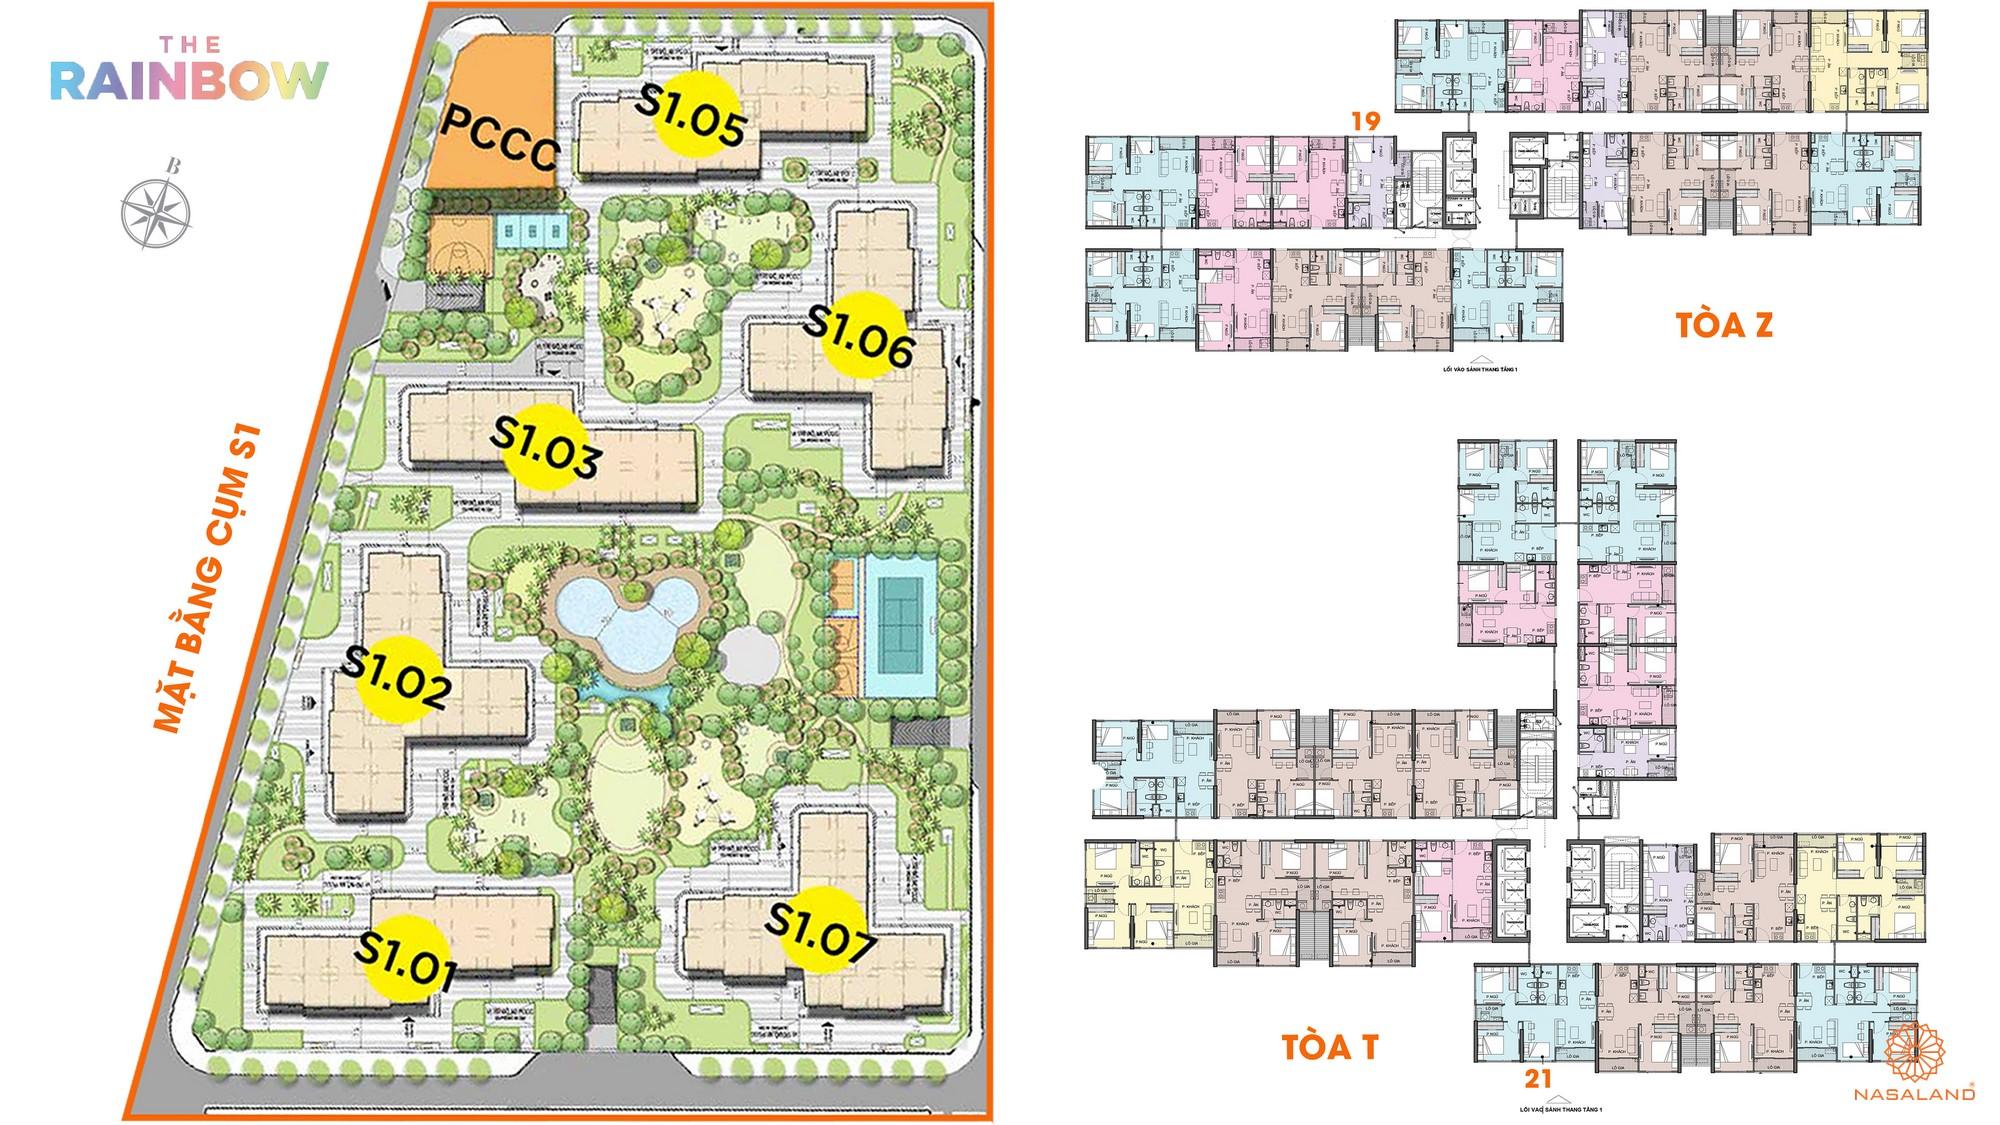 Mặt bằng cụm S1 phân khu The Rainbow dự án Vinhomes Grand Park Quận 9